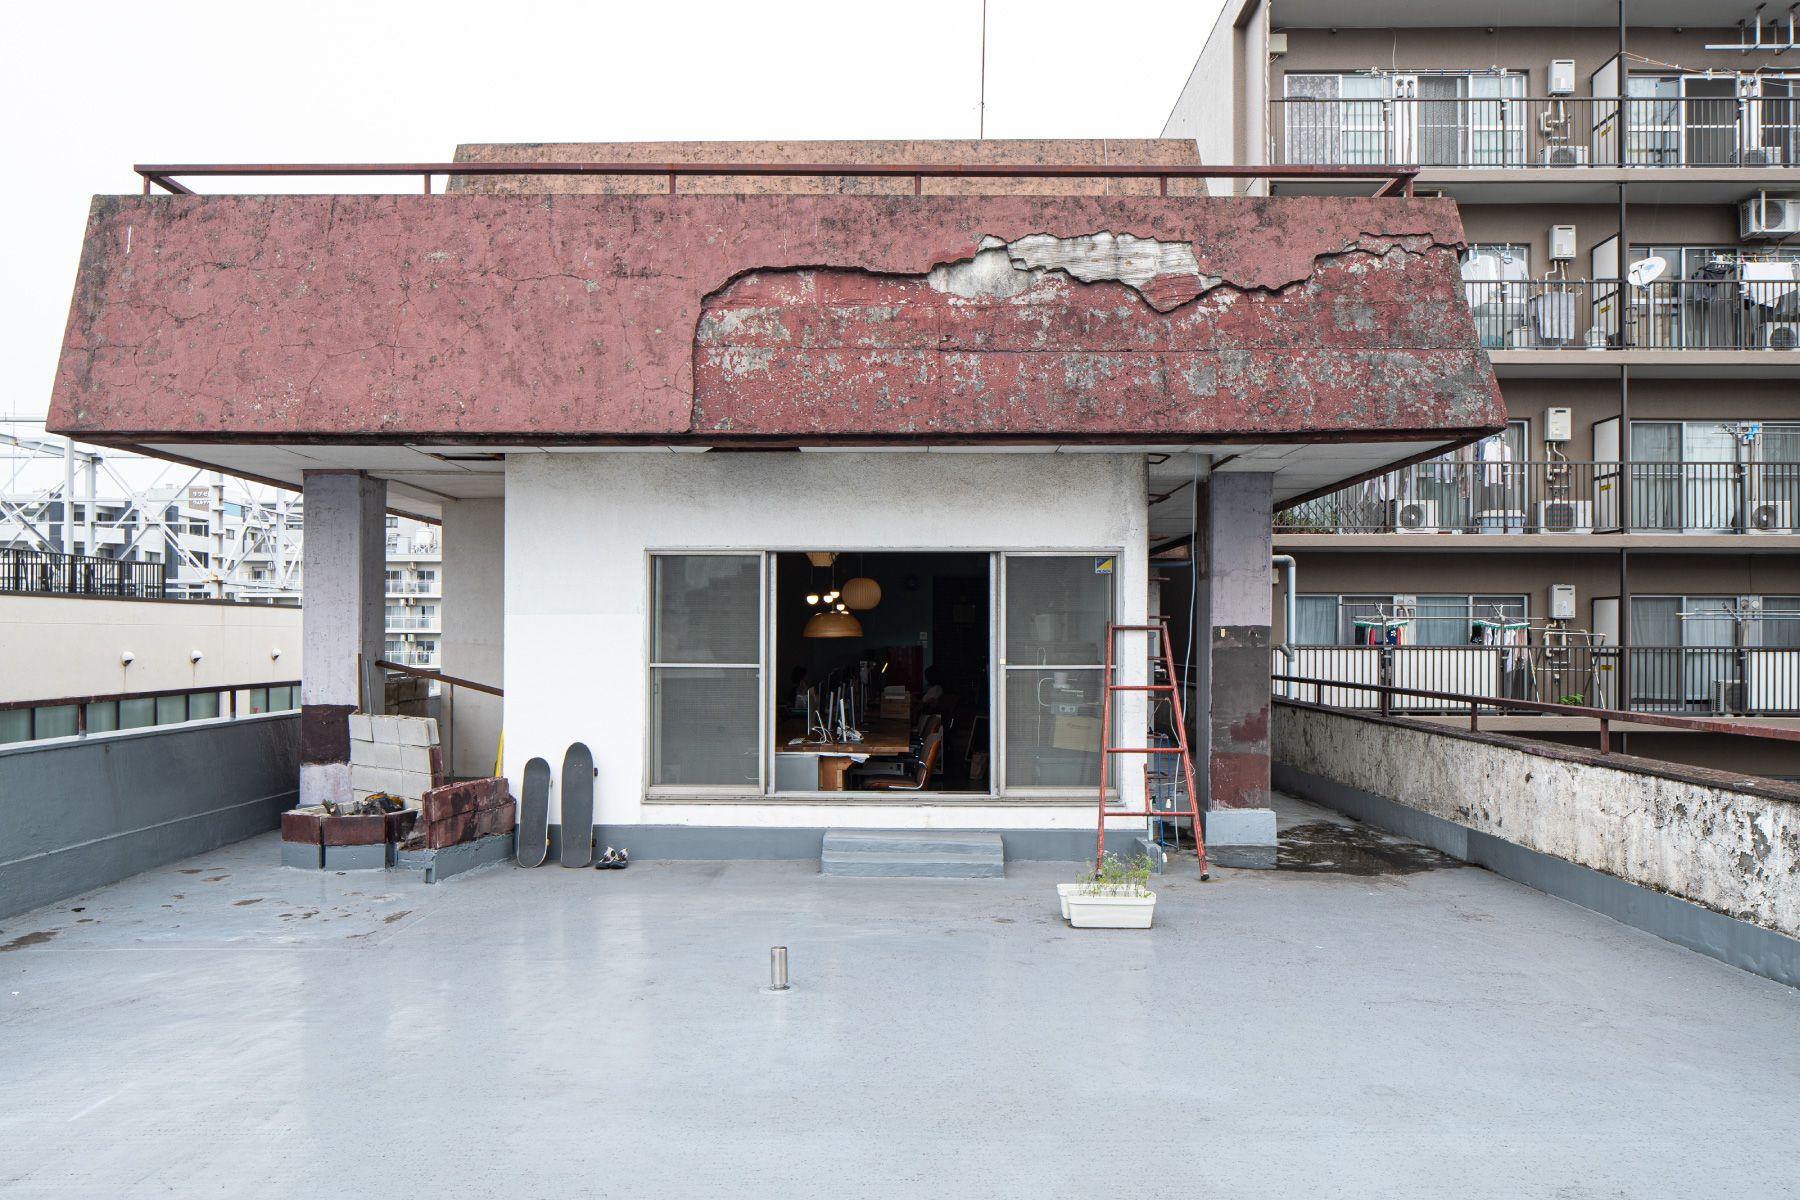 ROOVICE/オフィス (ルーヴィス)7F オフィス側屋上テラス